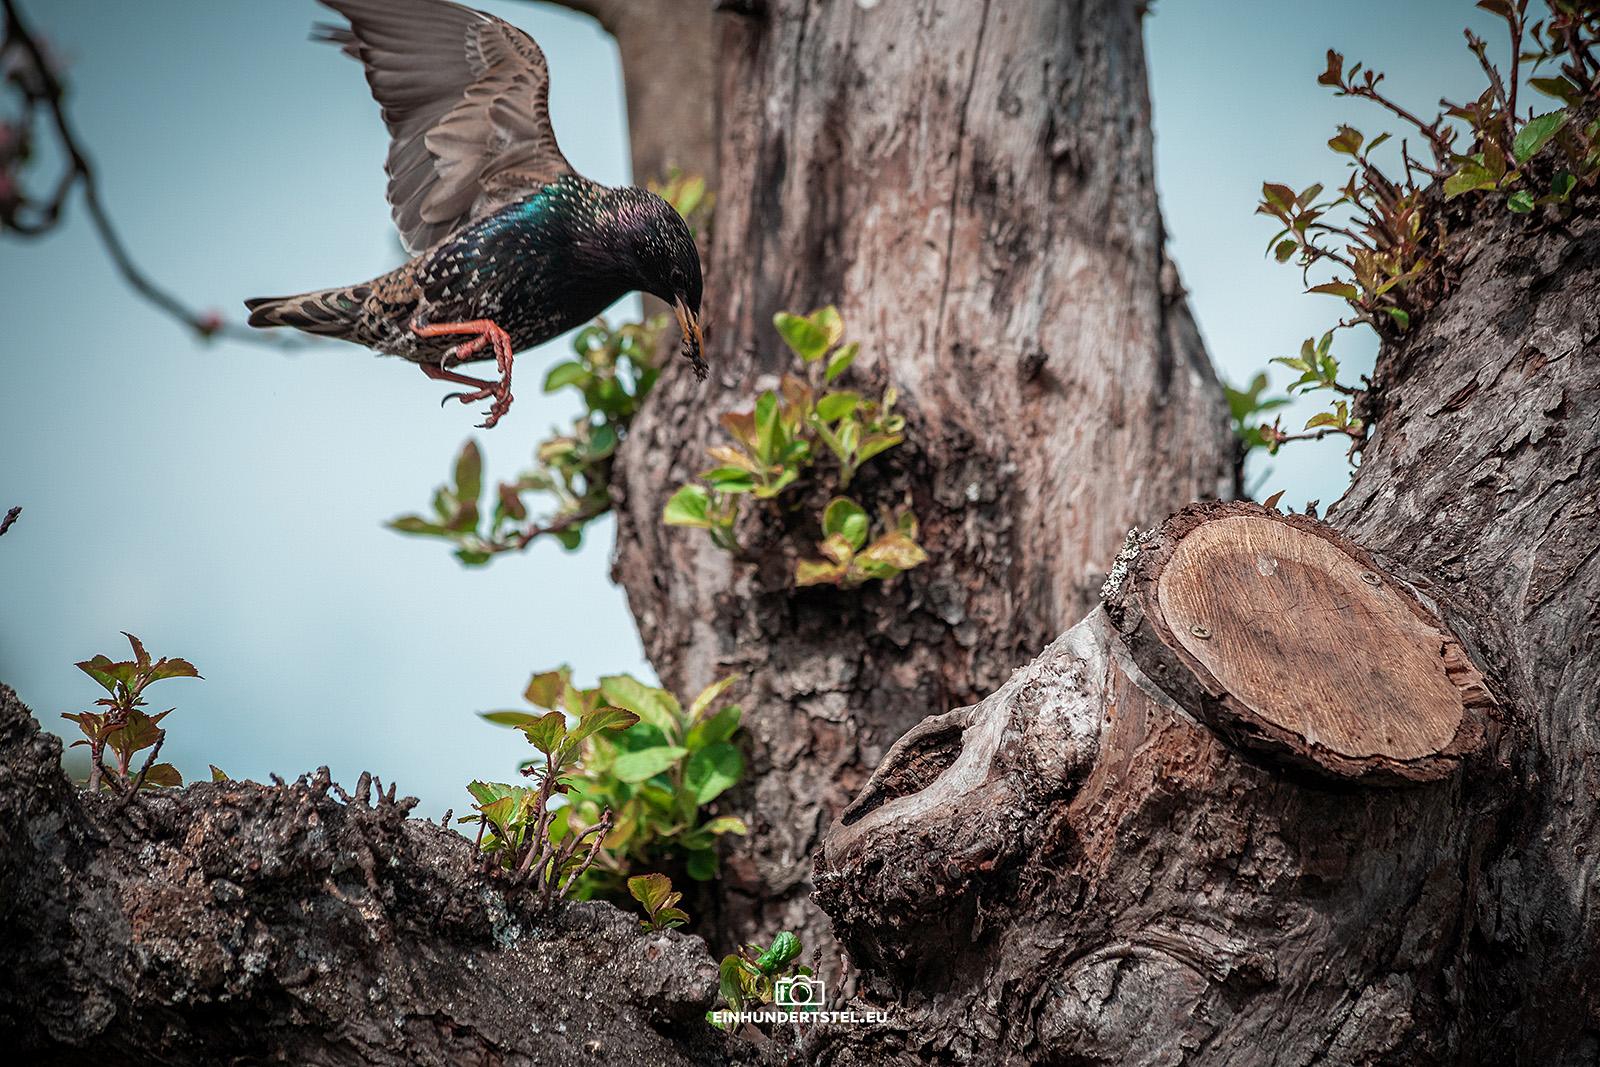 Star im Anflug auf das Nest mit der Brut